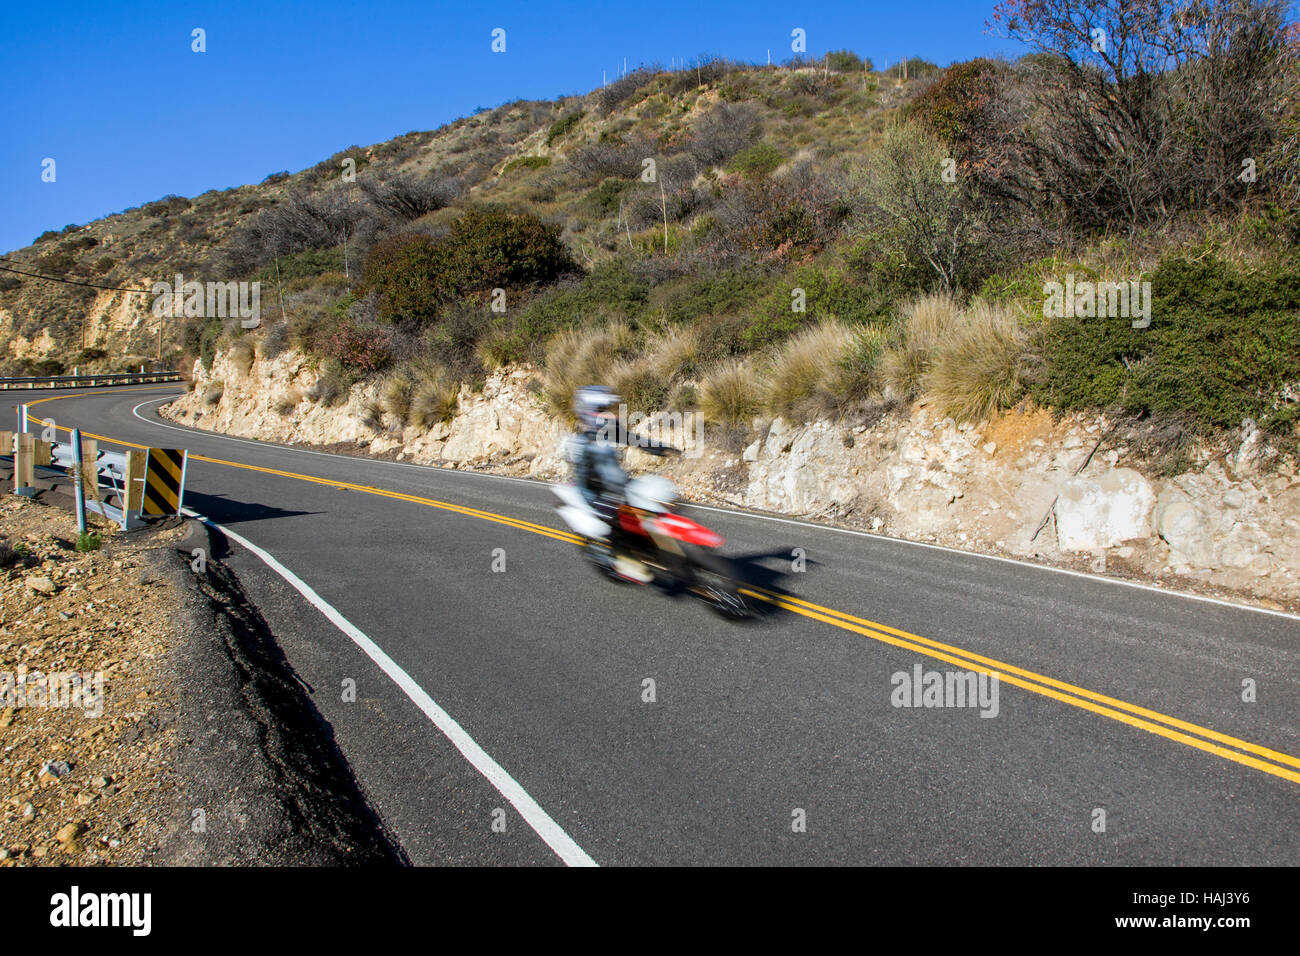 Azione di sfocatura di un motociclista su una strada vicino a Rt. 1 e Malibu, California, Stati Uniti d'America Immagini Stock